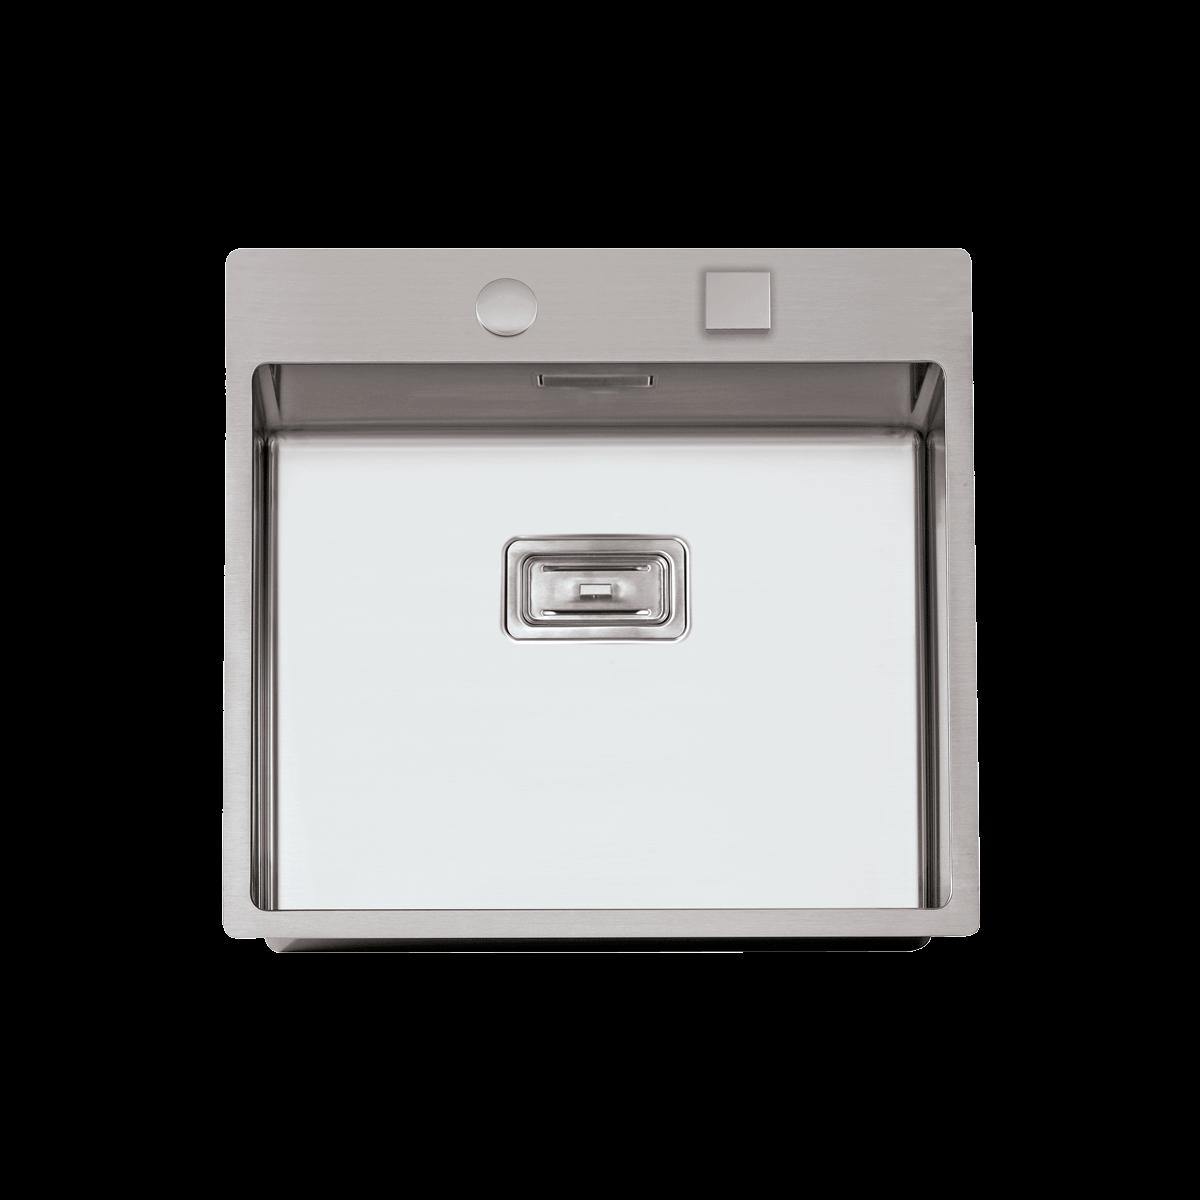 Evier en inox Rodi Box Lux Box Lux 57 BRO finition satiné couleur inox 505x550 avec 1 cuve vidage manuel Box Lux 57